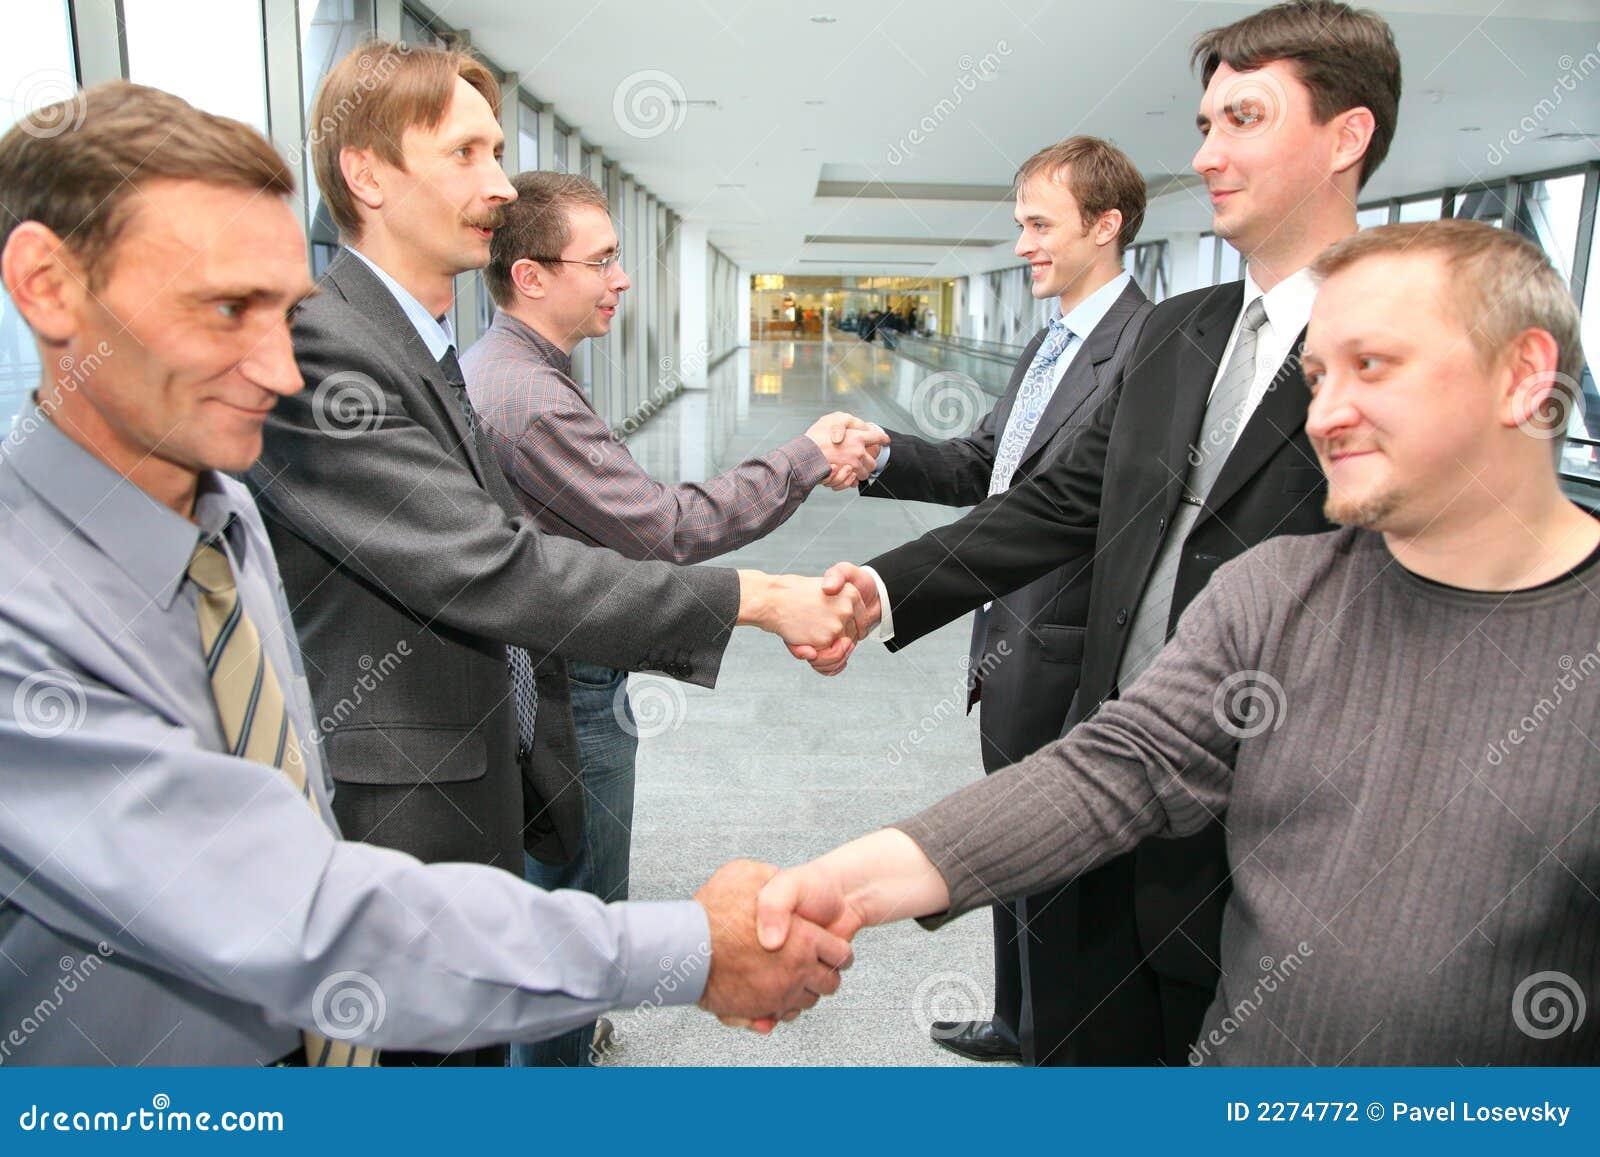 Shaking hands business partner